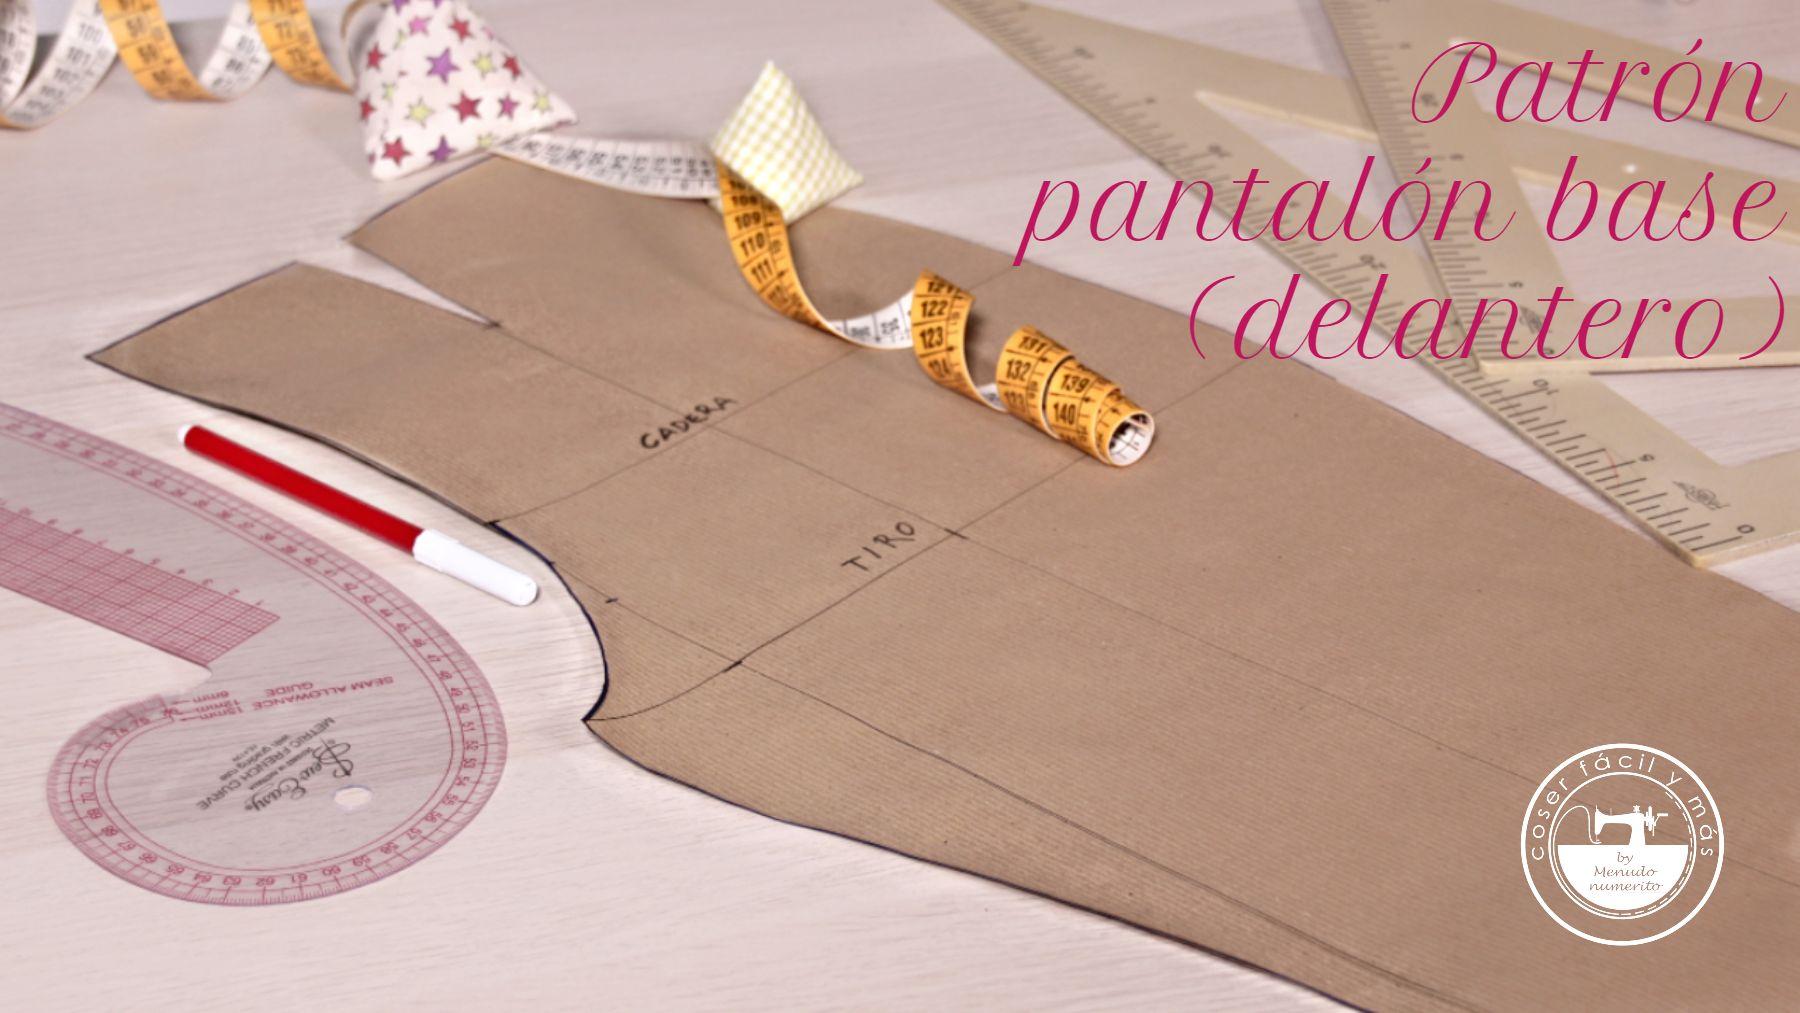 trazar patron pantalon basico coser facil blogs de costura